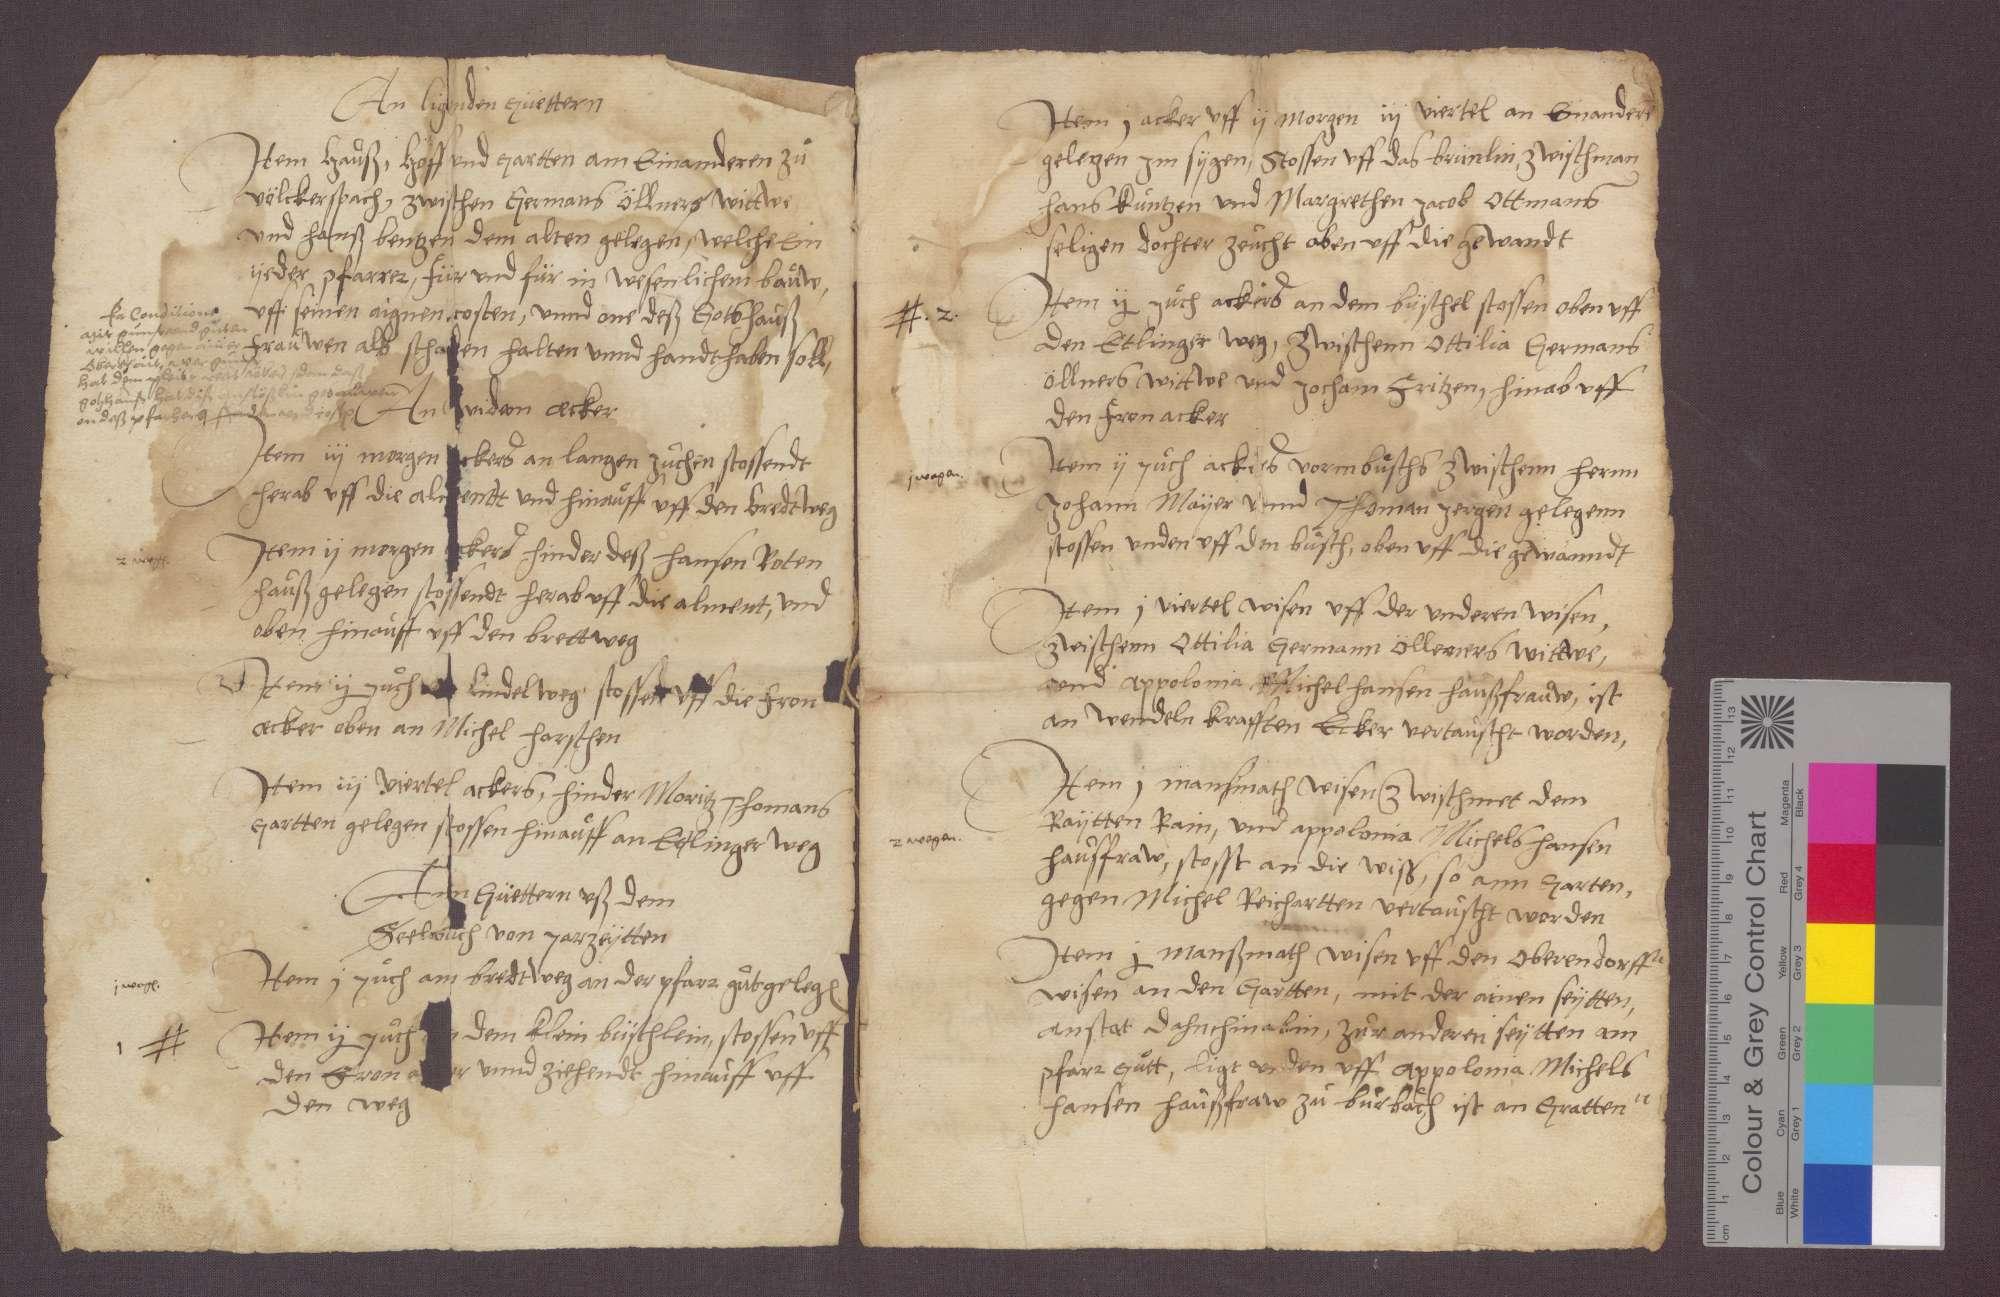 Kompetenz der Pfarrei zu Völkersbach, aufgestellt von Leonhard Lölar von Pfullendorf am Bodensee, derzeit Pfarrer zu Völkersbach (Fragment)., Bild 2